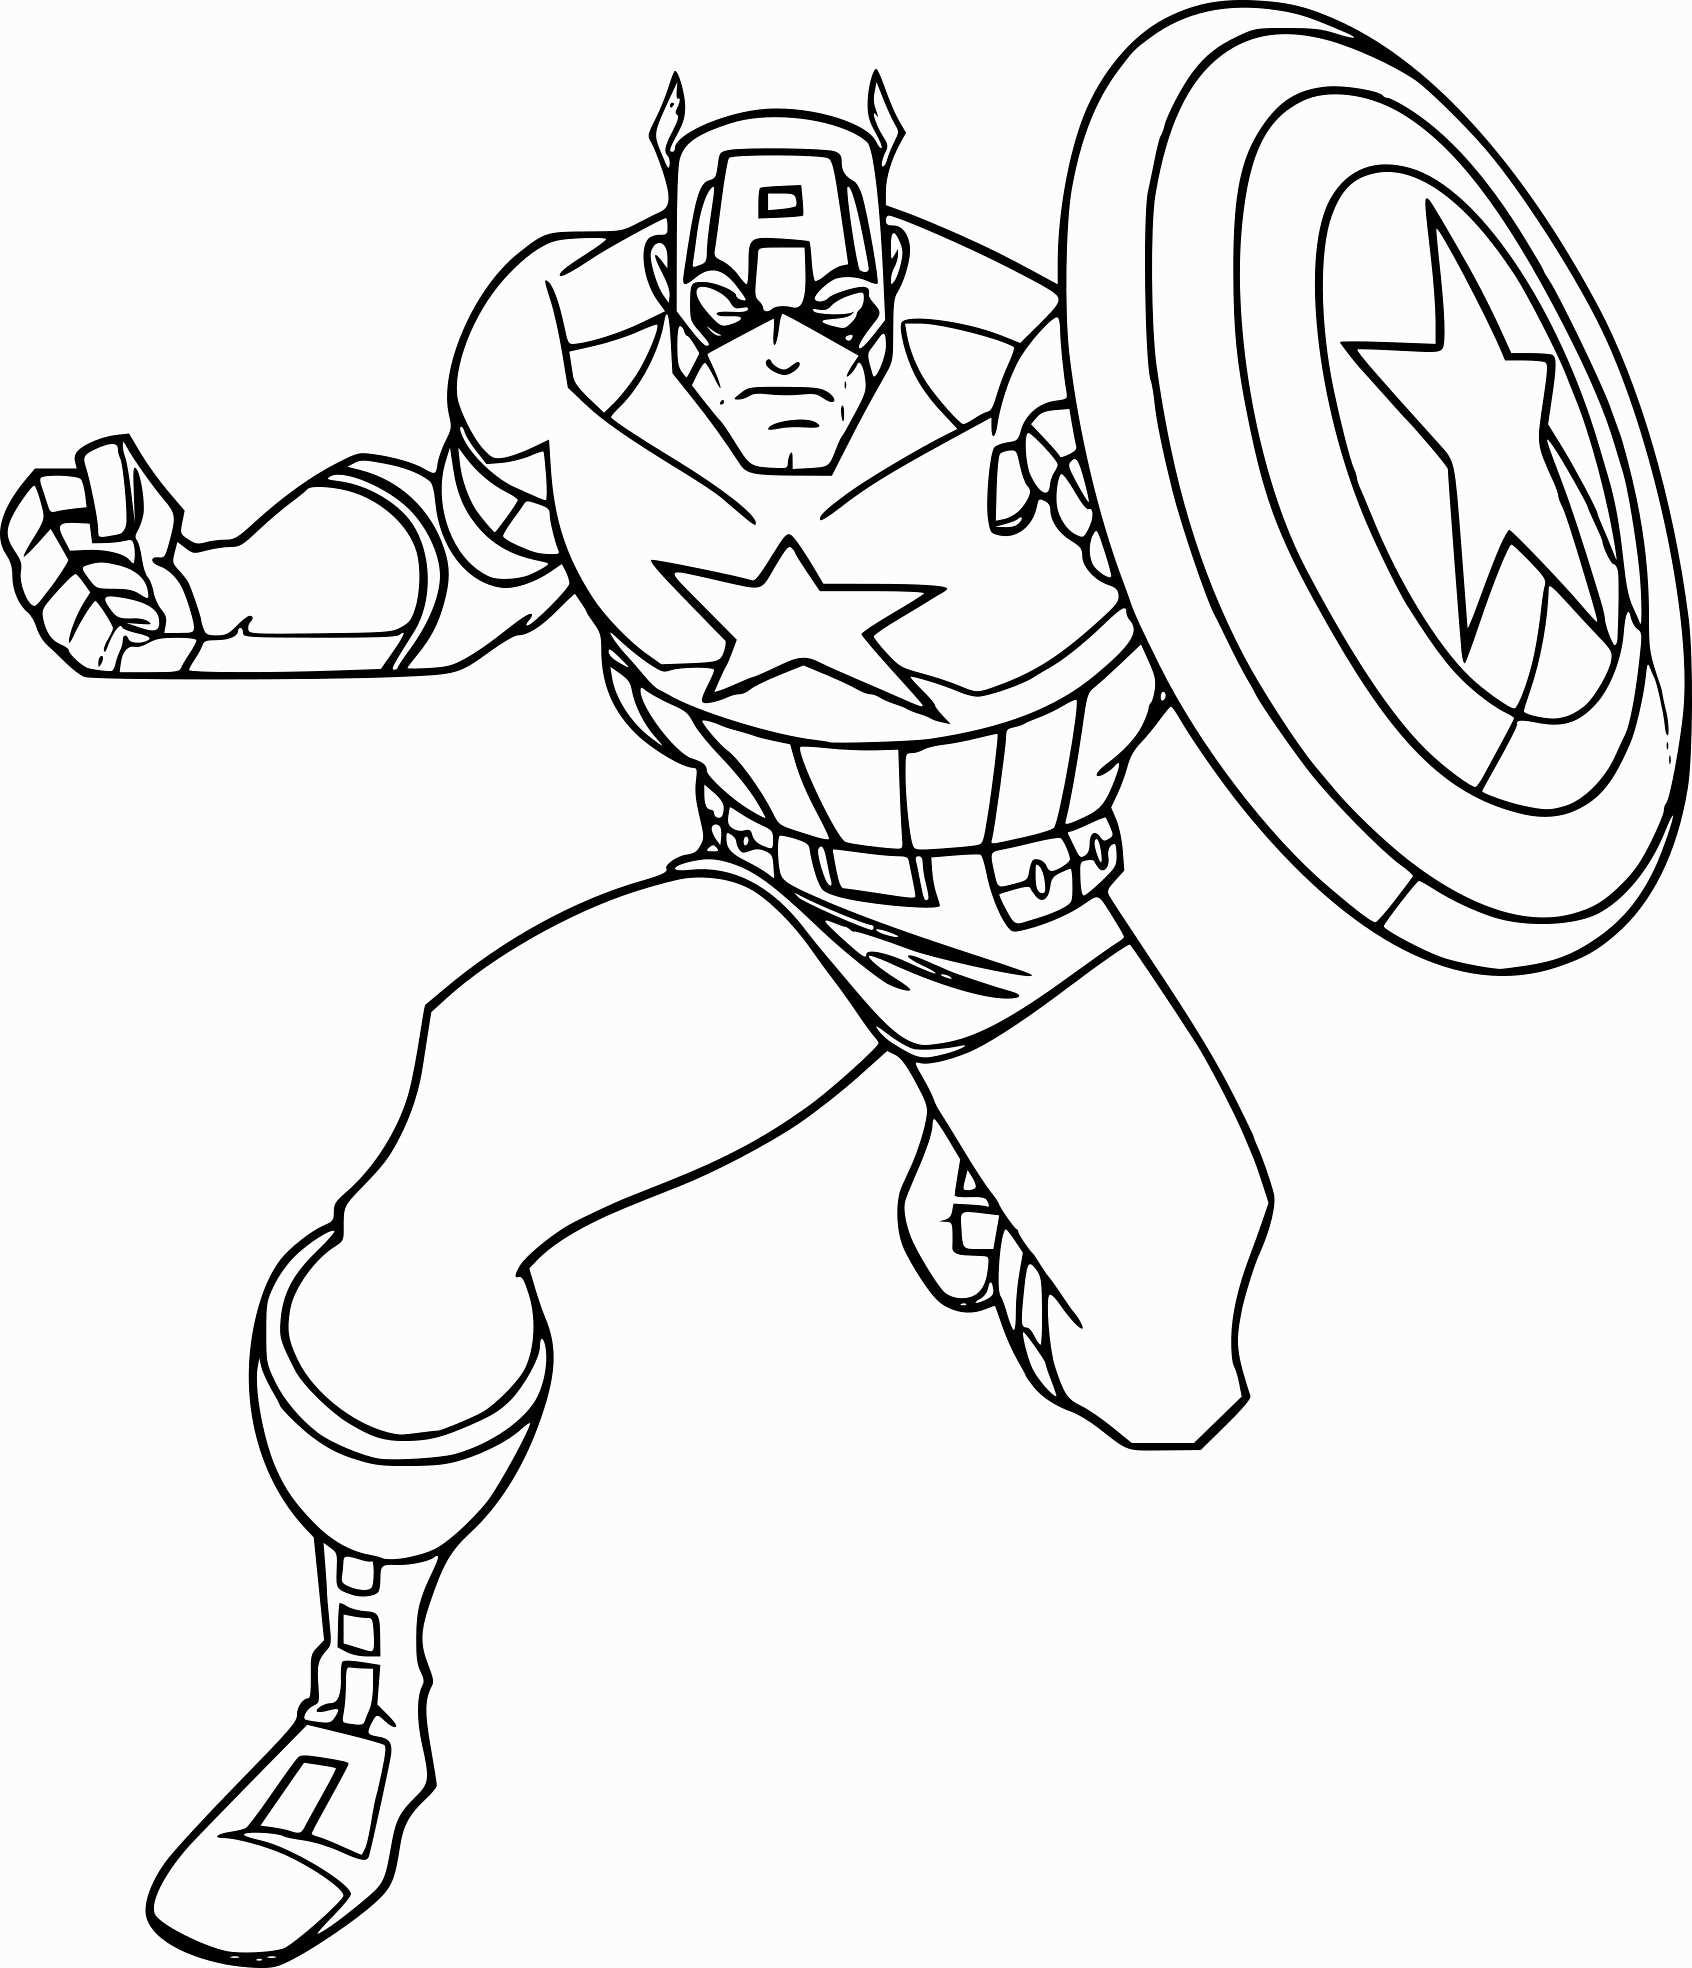 Coloriage Avengers Gratuit Inspiré Coloriage Iron Man En dedans Dessin A Colorier Gratuit Iron Man